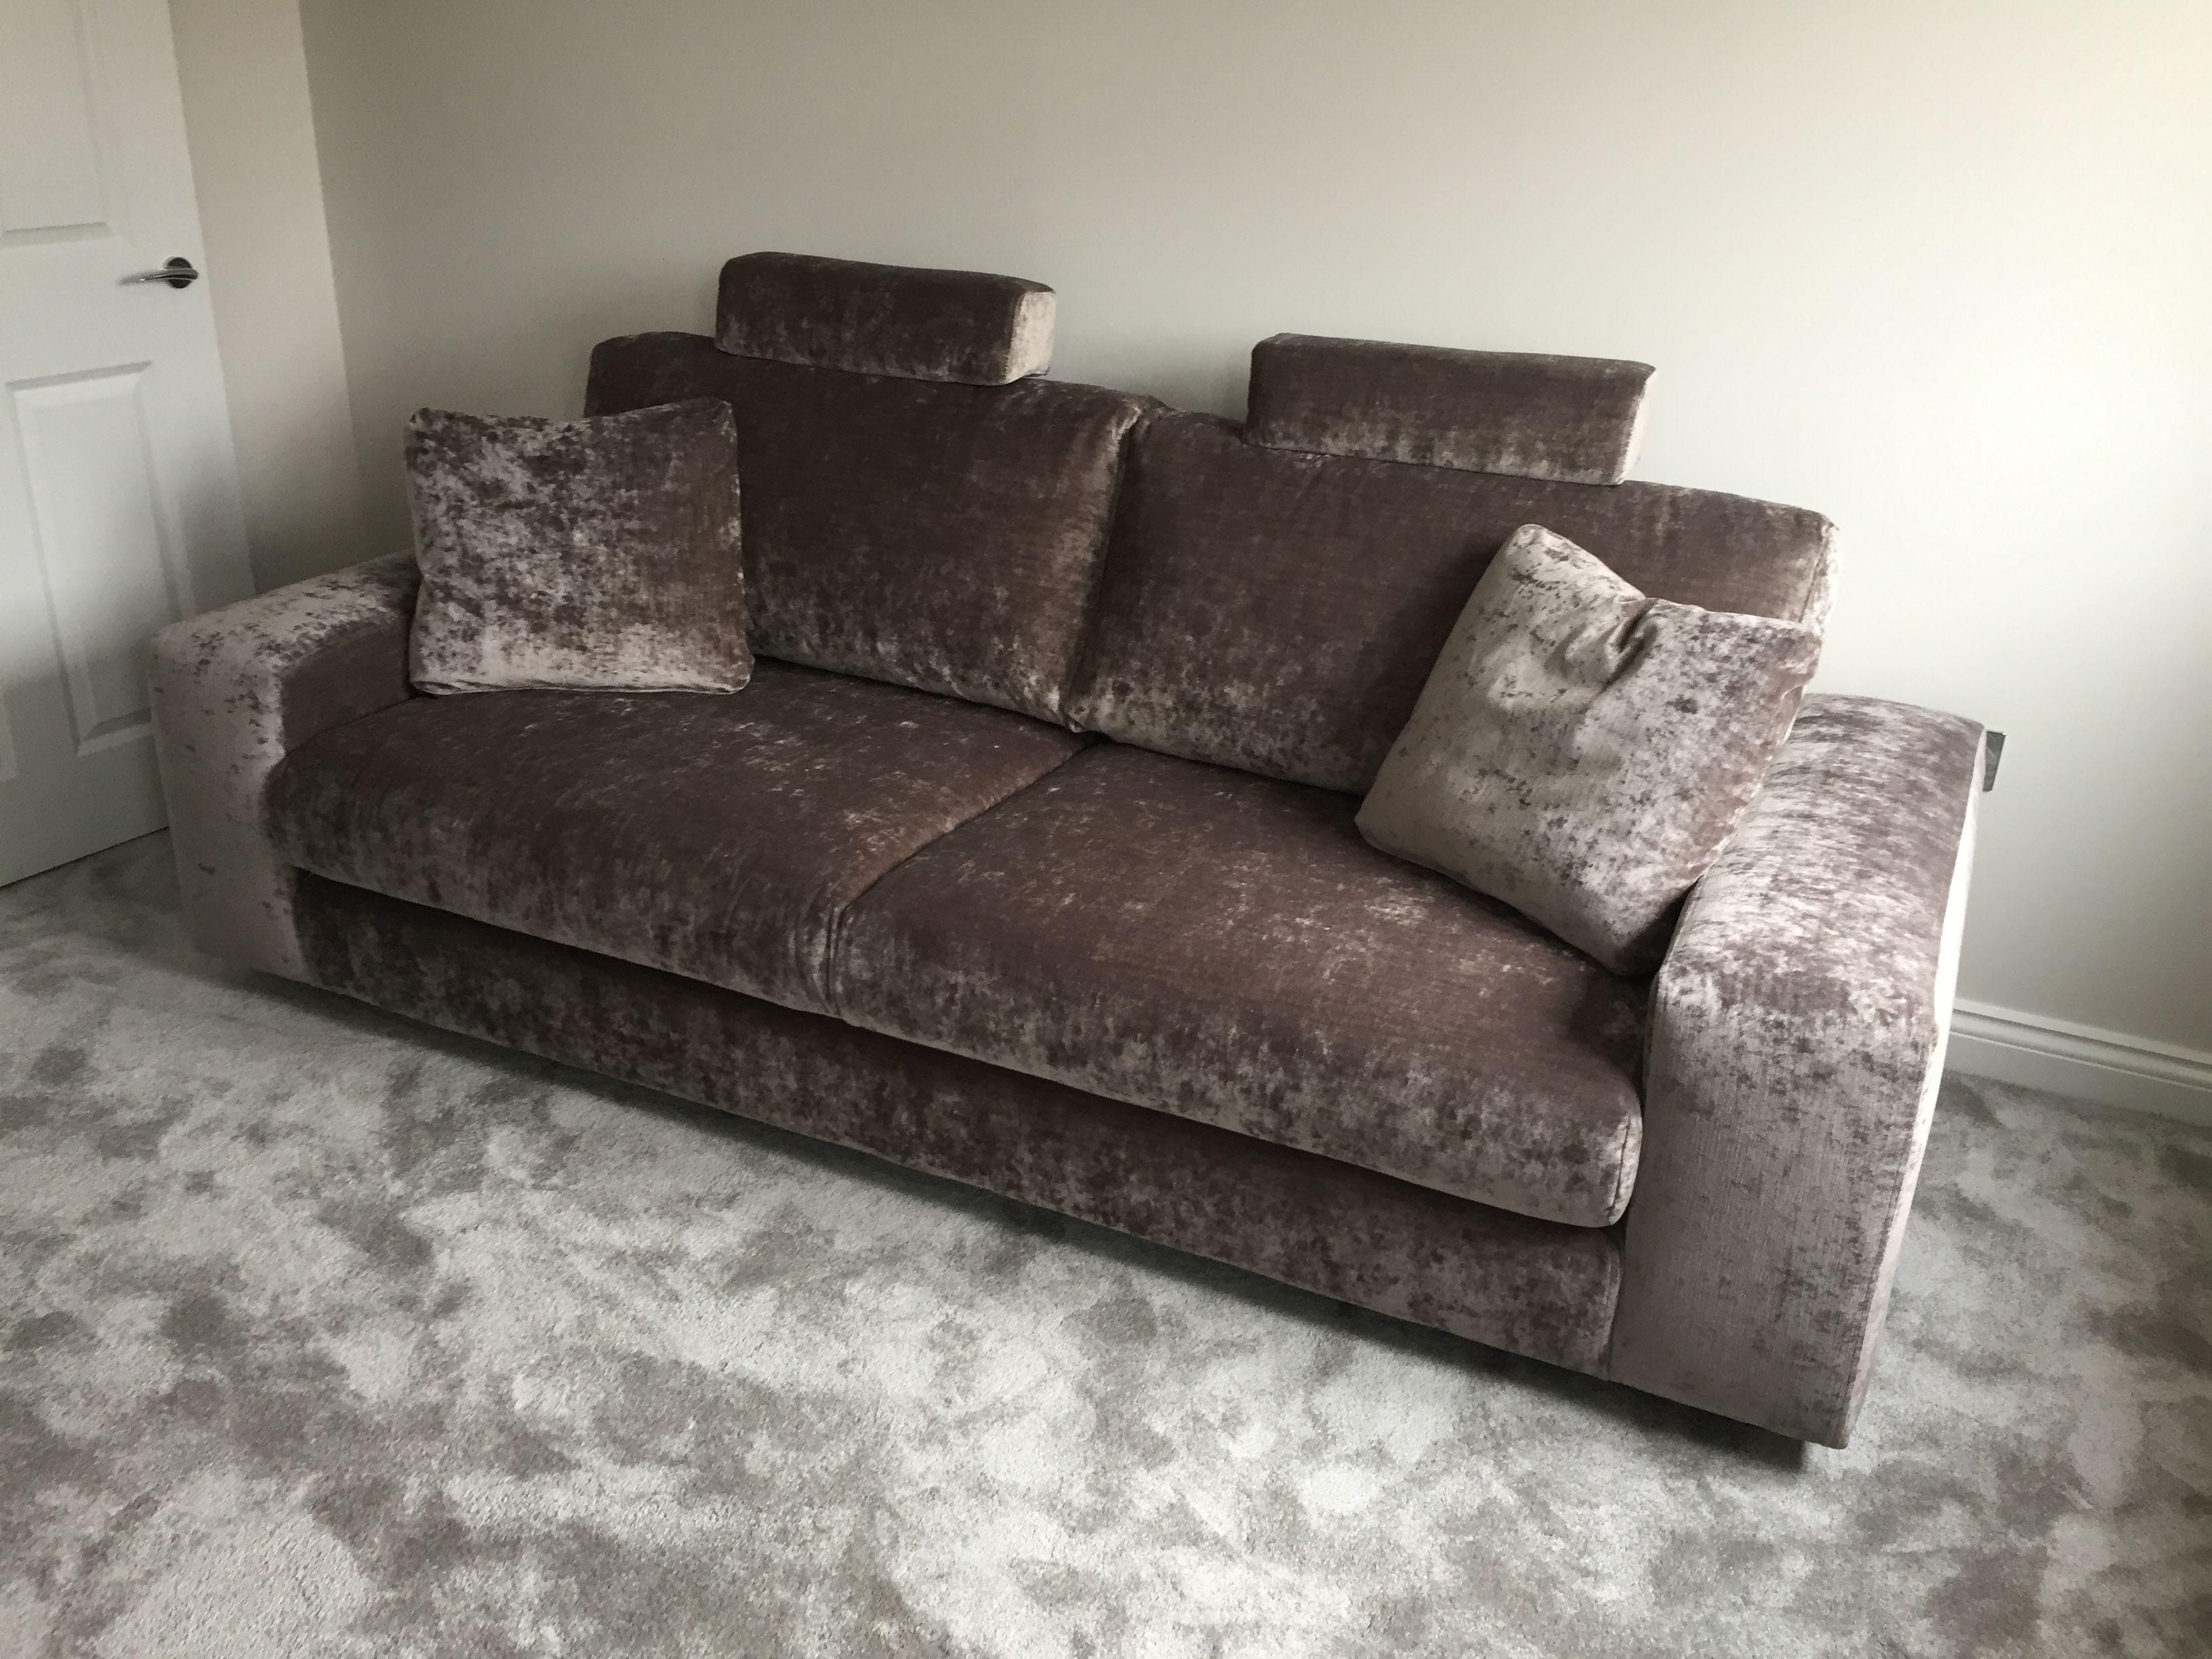 235 Cm Sofa Covered In J Brown Modena 13098 Mink. Nice!